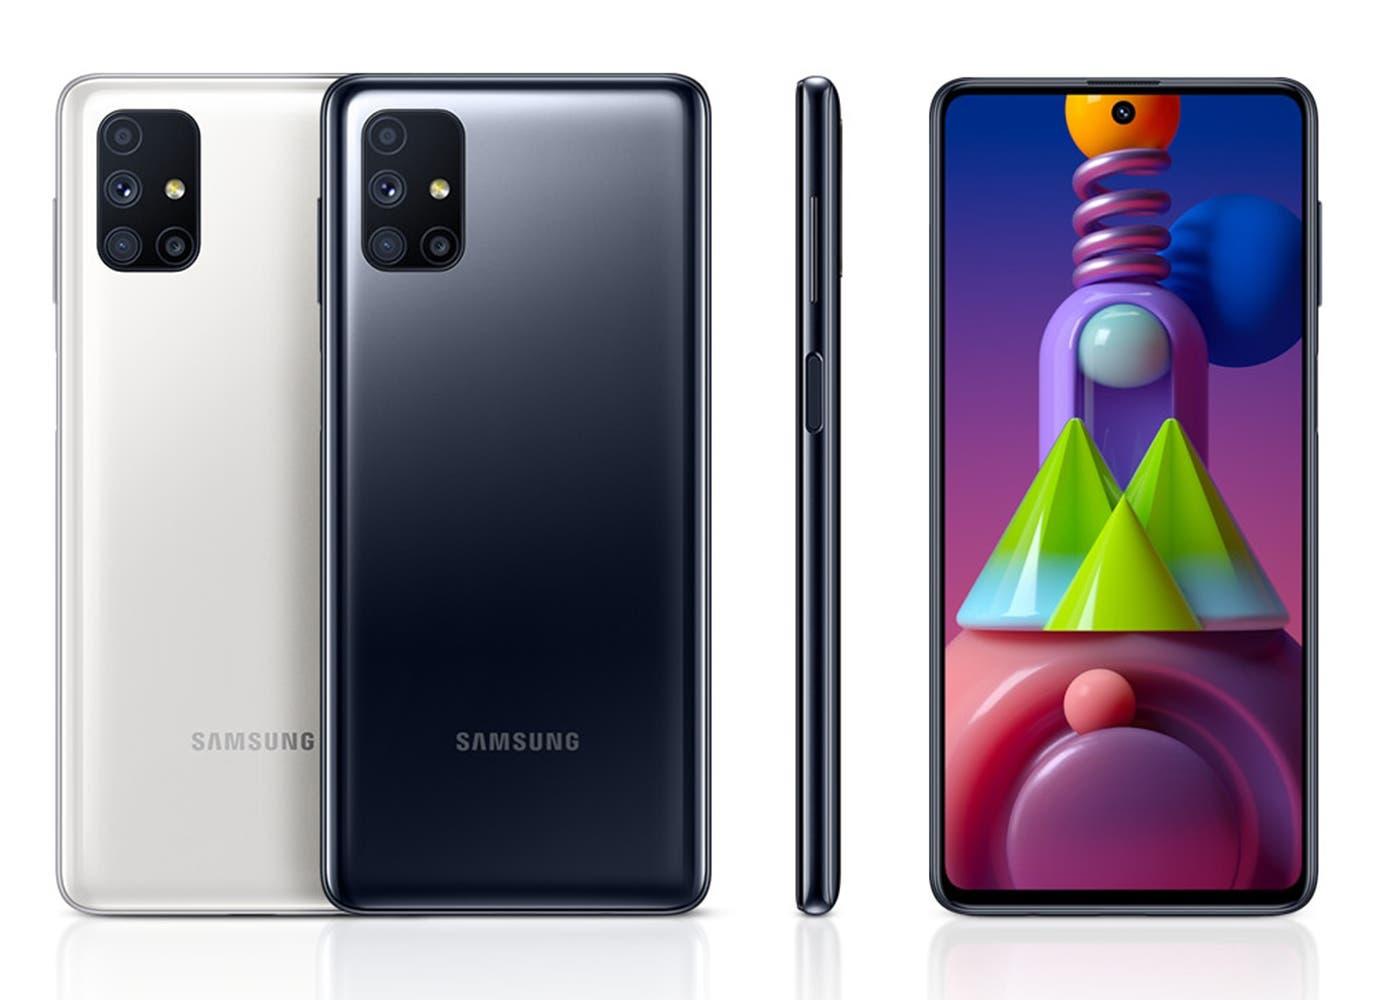 El Galaxy M51 es oficialmente la batería más grande jamás vista en un teléfono móvil Samsung